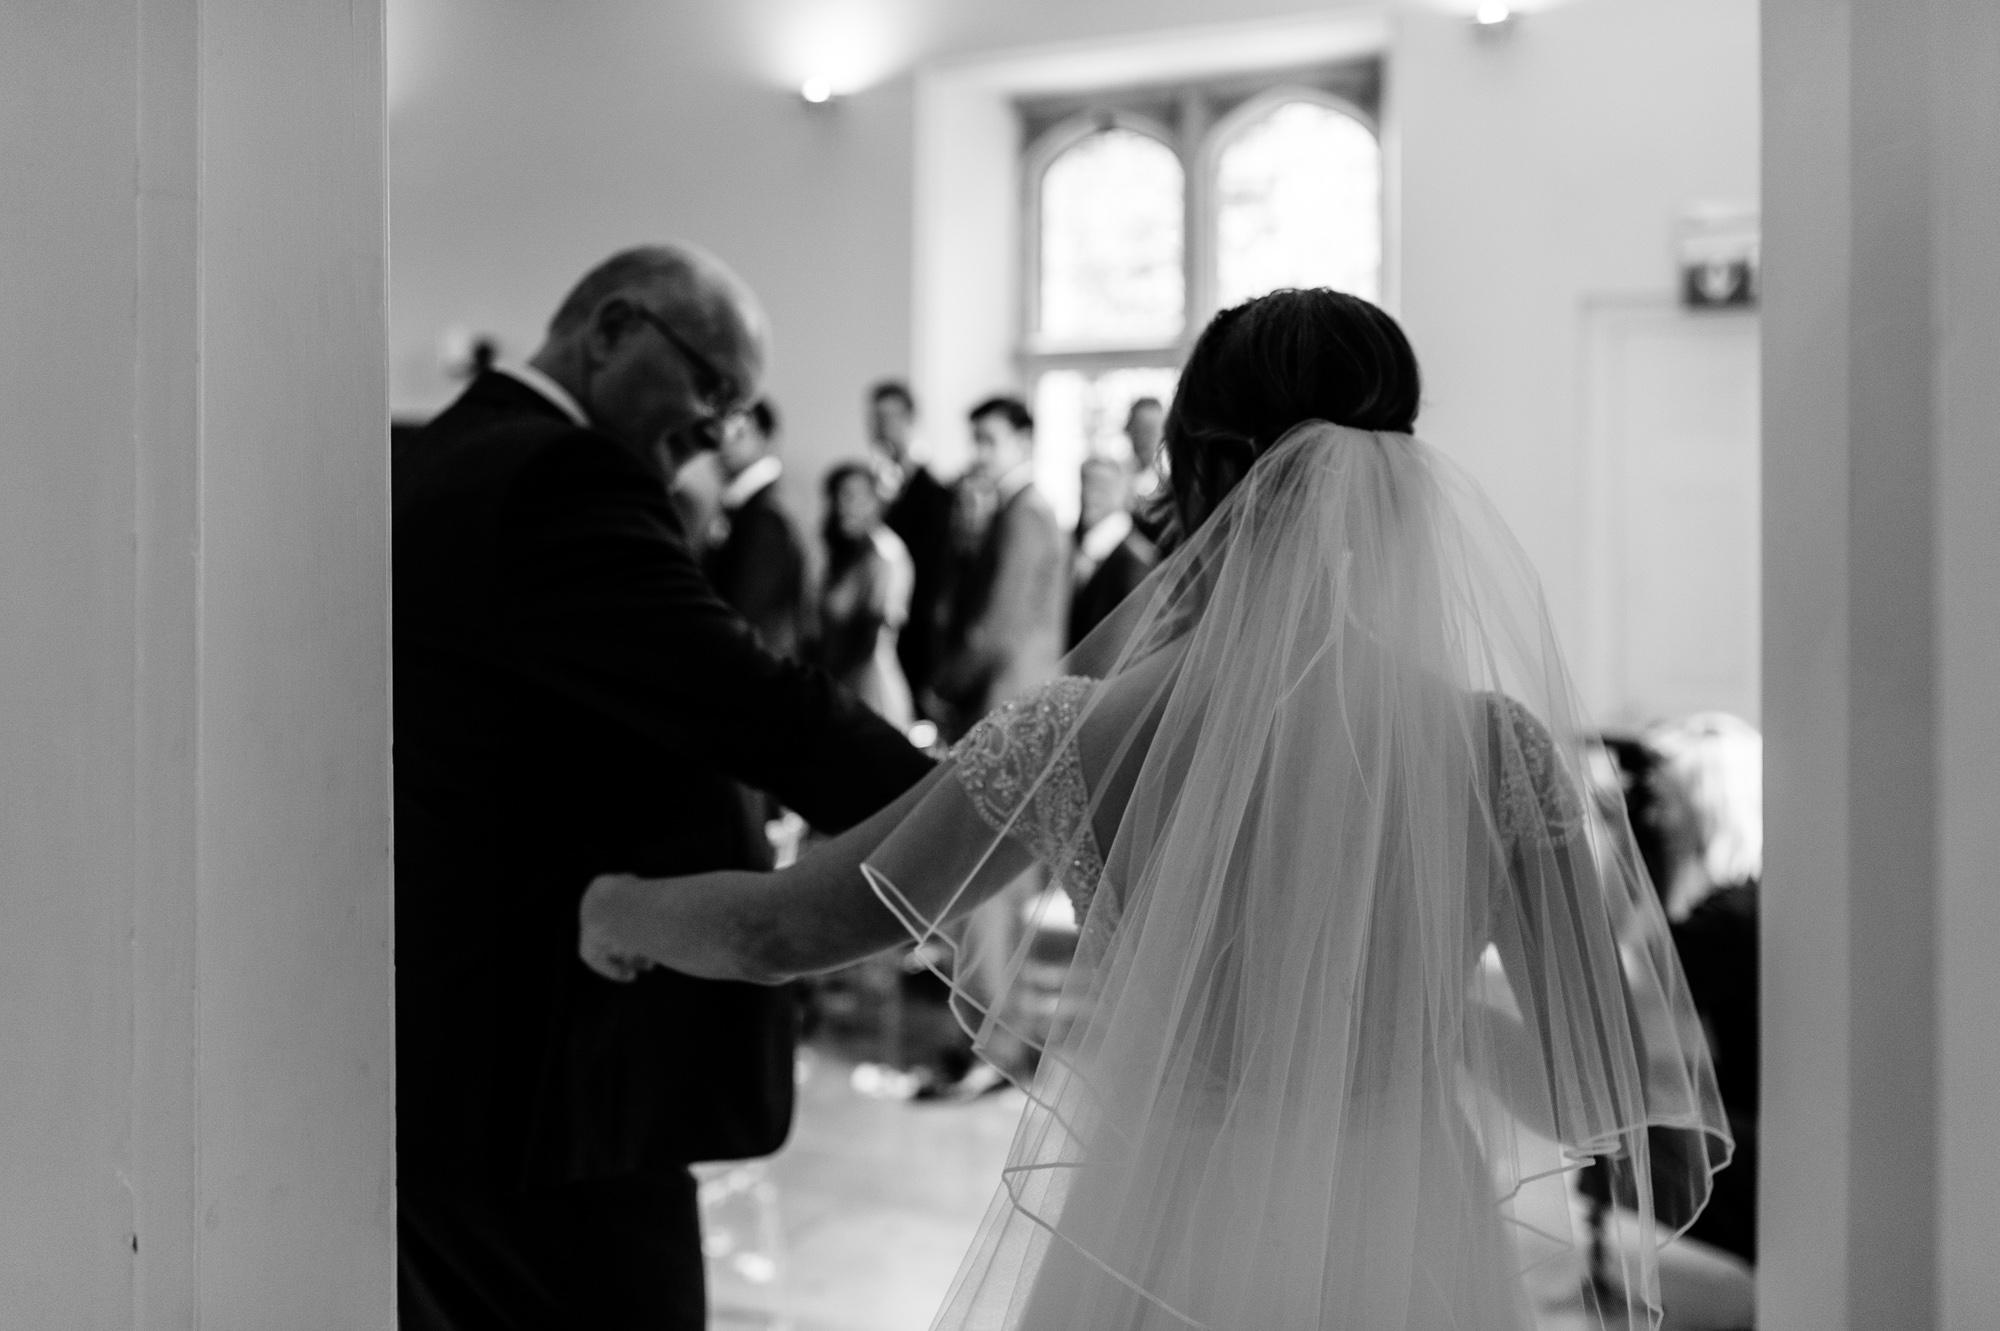 Notley Barn Wedding 26.10.18 10.jpg